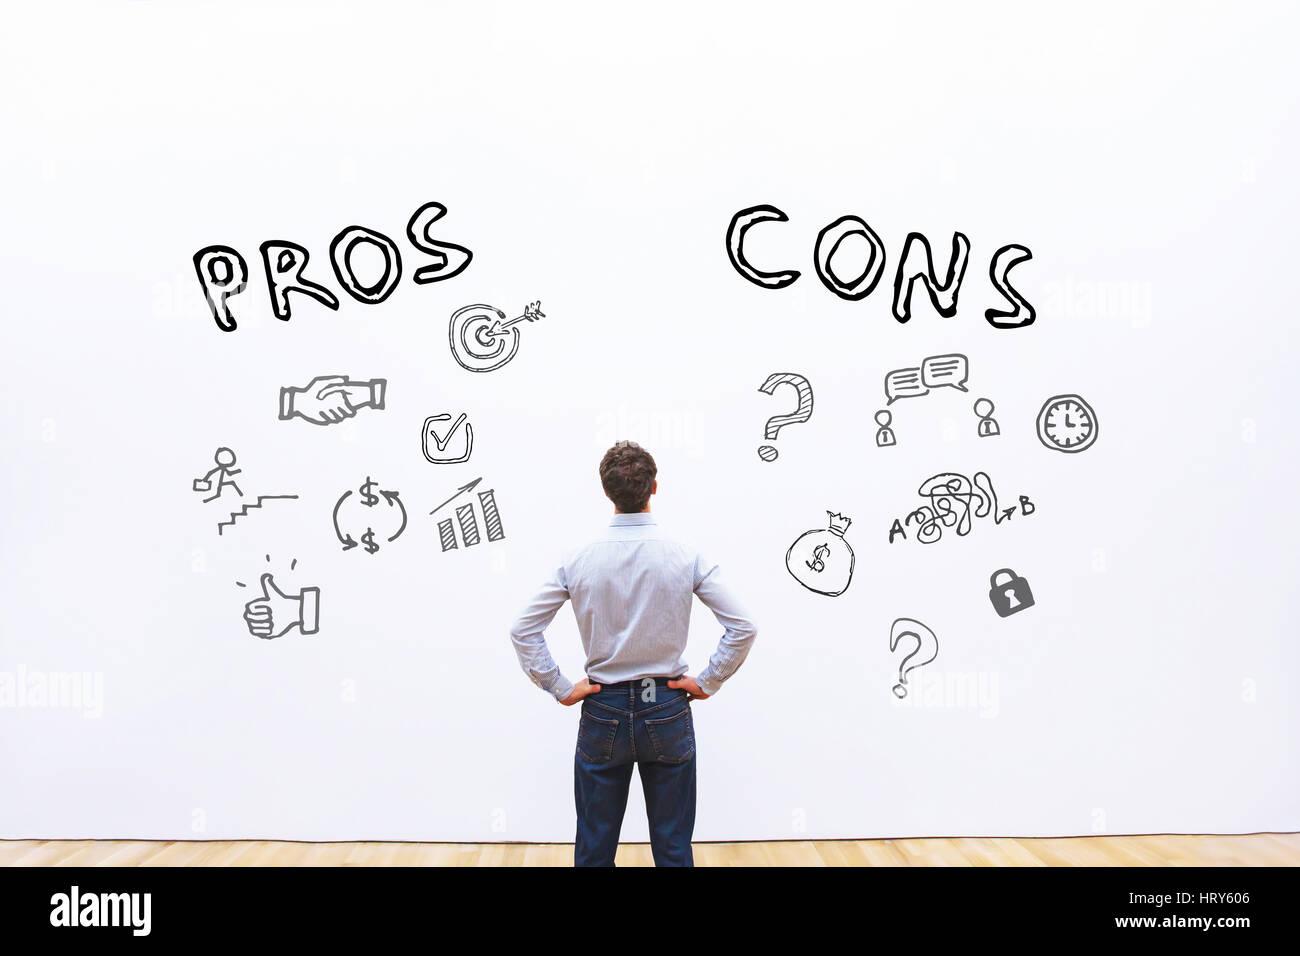 Los pros y los contras, ventaja desventaja concepto Imagen De Stock